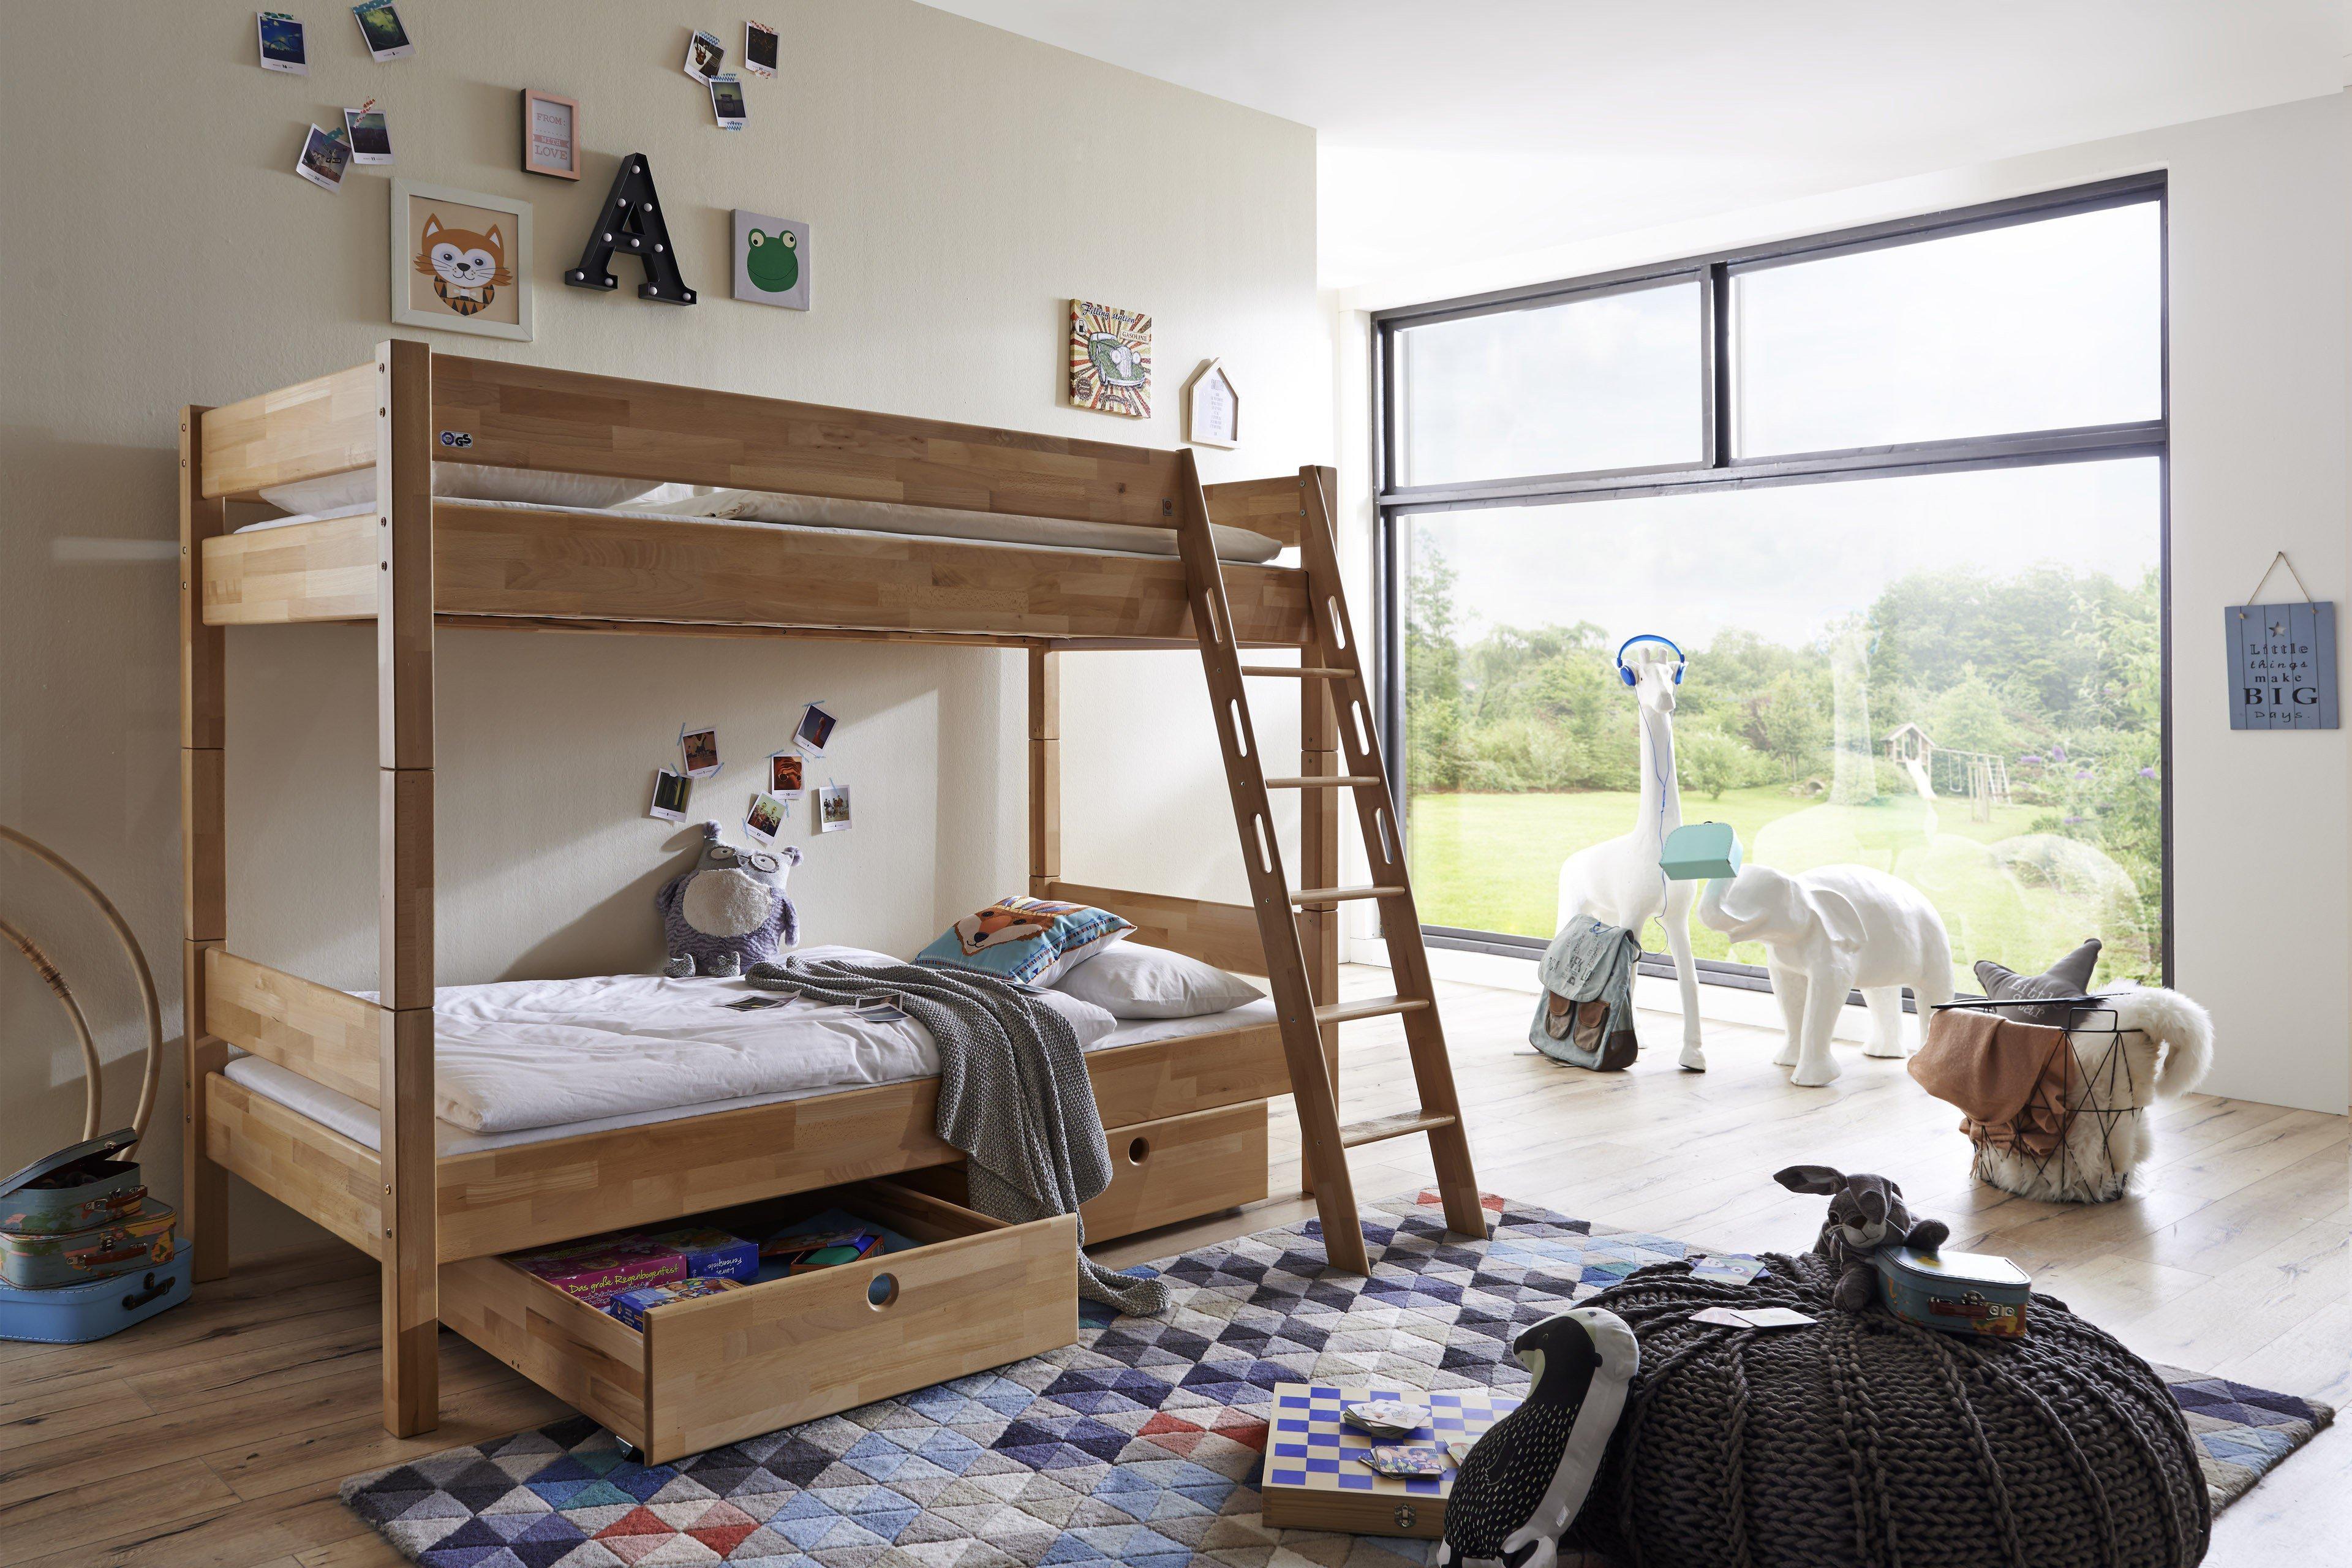 Etagenbett Relita : Relita stefan etagenbett buche weiß möbel letz ihr online shop